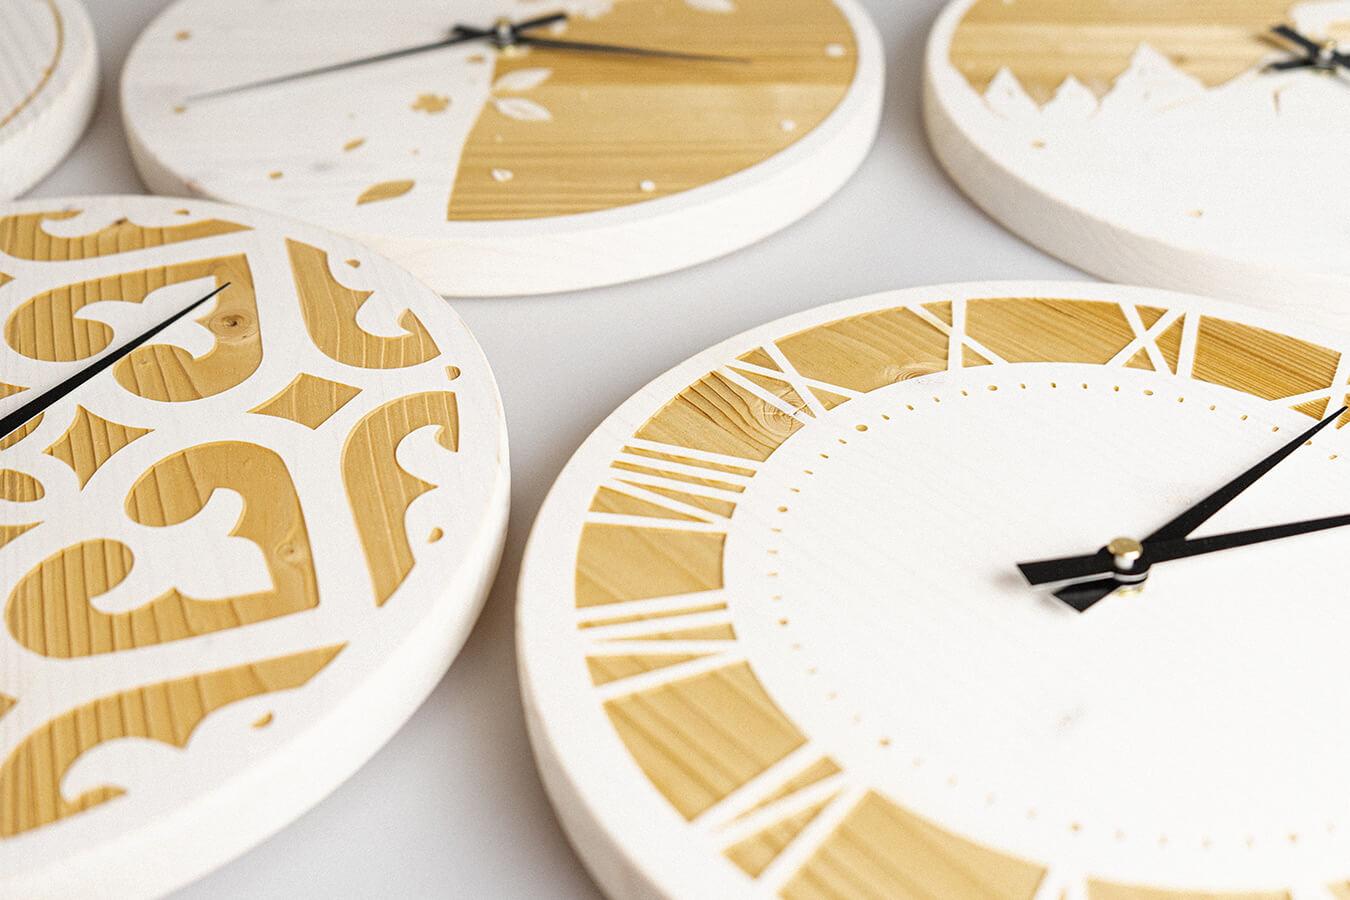 orologi da parete in legno di abete lavorati a laser